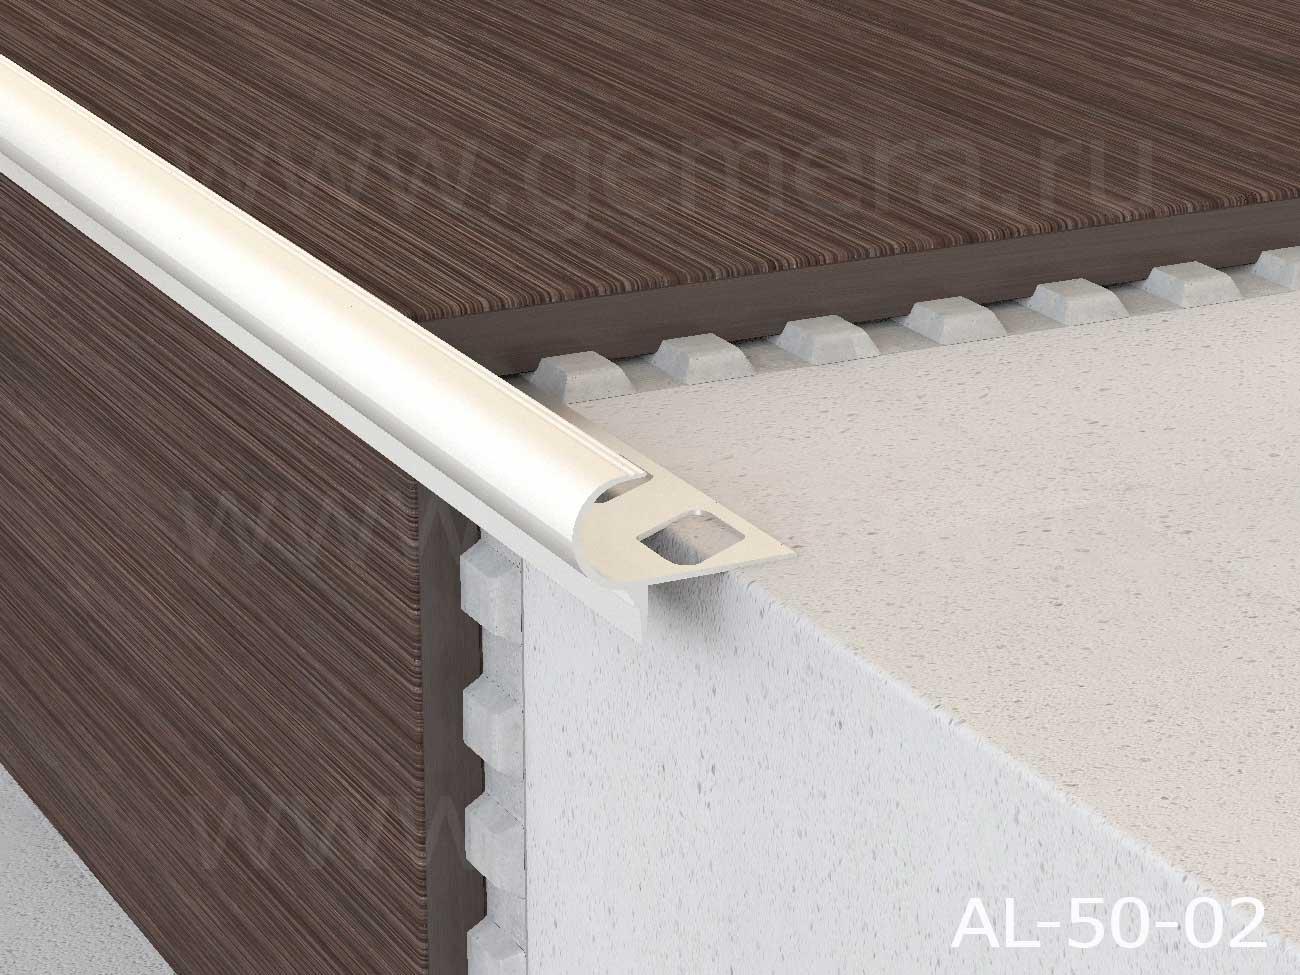 Профиль алюминиевый полукруглый Butun AL-50-02